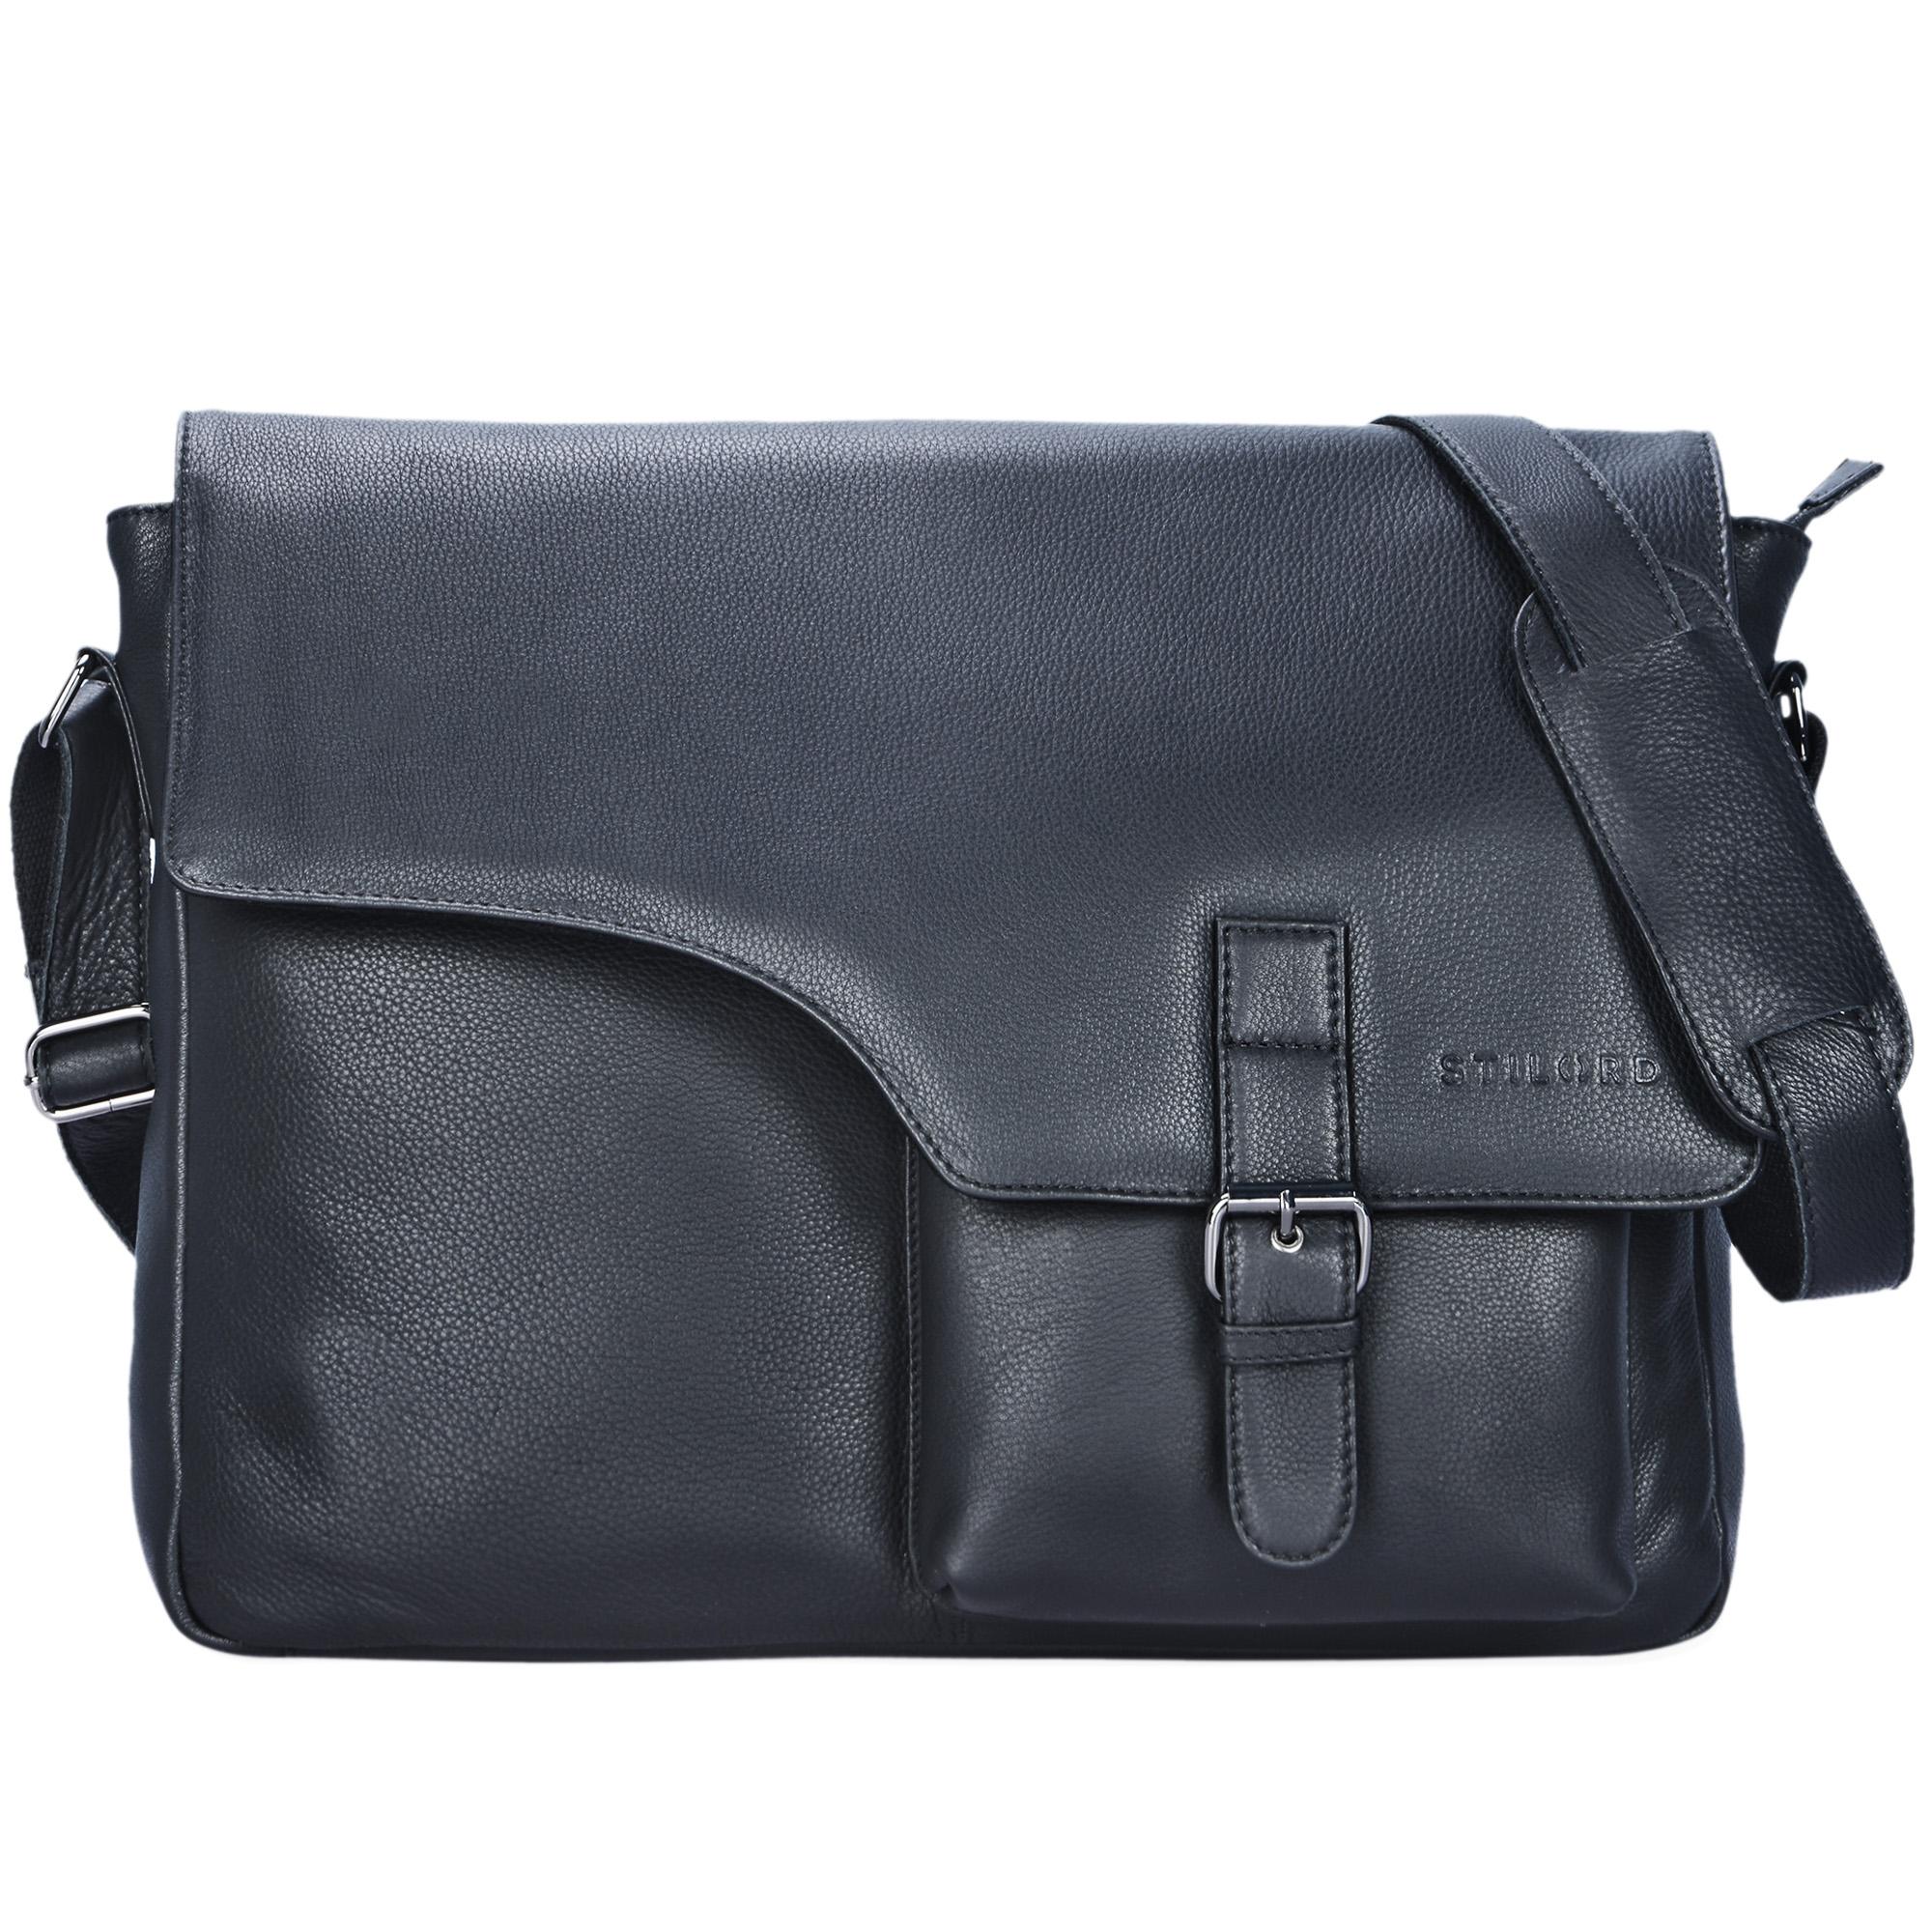 """STILORD """"Valerian"""" Leder Umhängetasche Herren Messenger Bag Business Uni Büro groß DIN A4 Laptoptasche Aktentasche Vintage Rindsleder - Bild 9"""